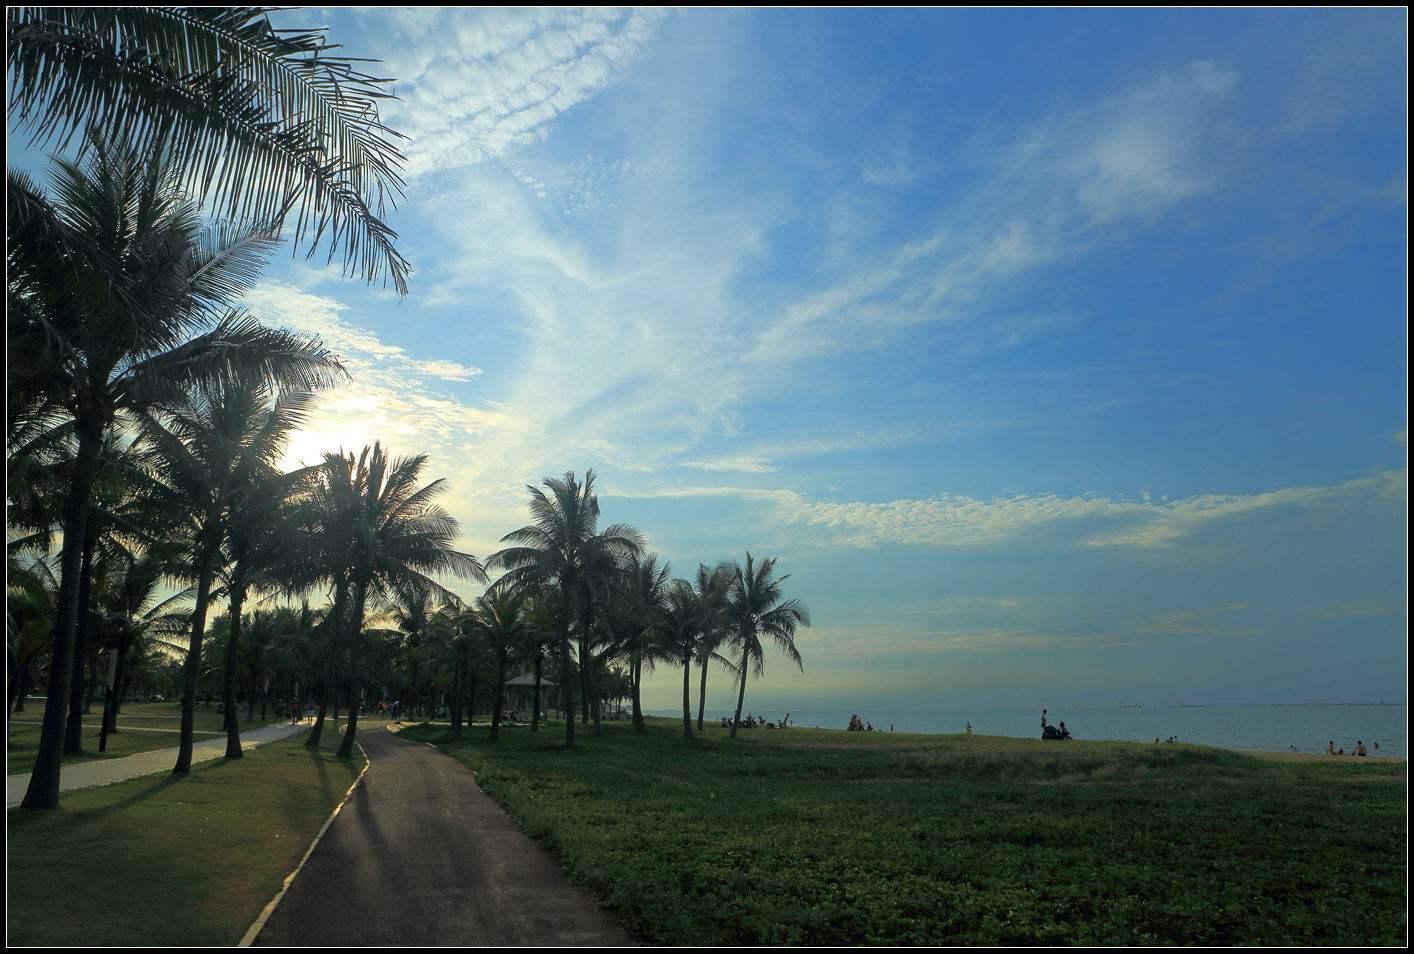 迷恋那一抹蓝,海口休闲旅行的好地方